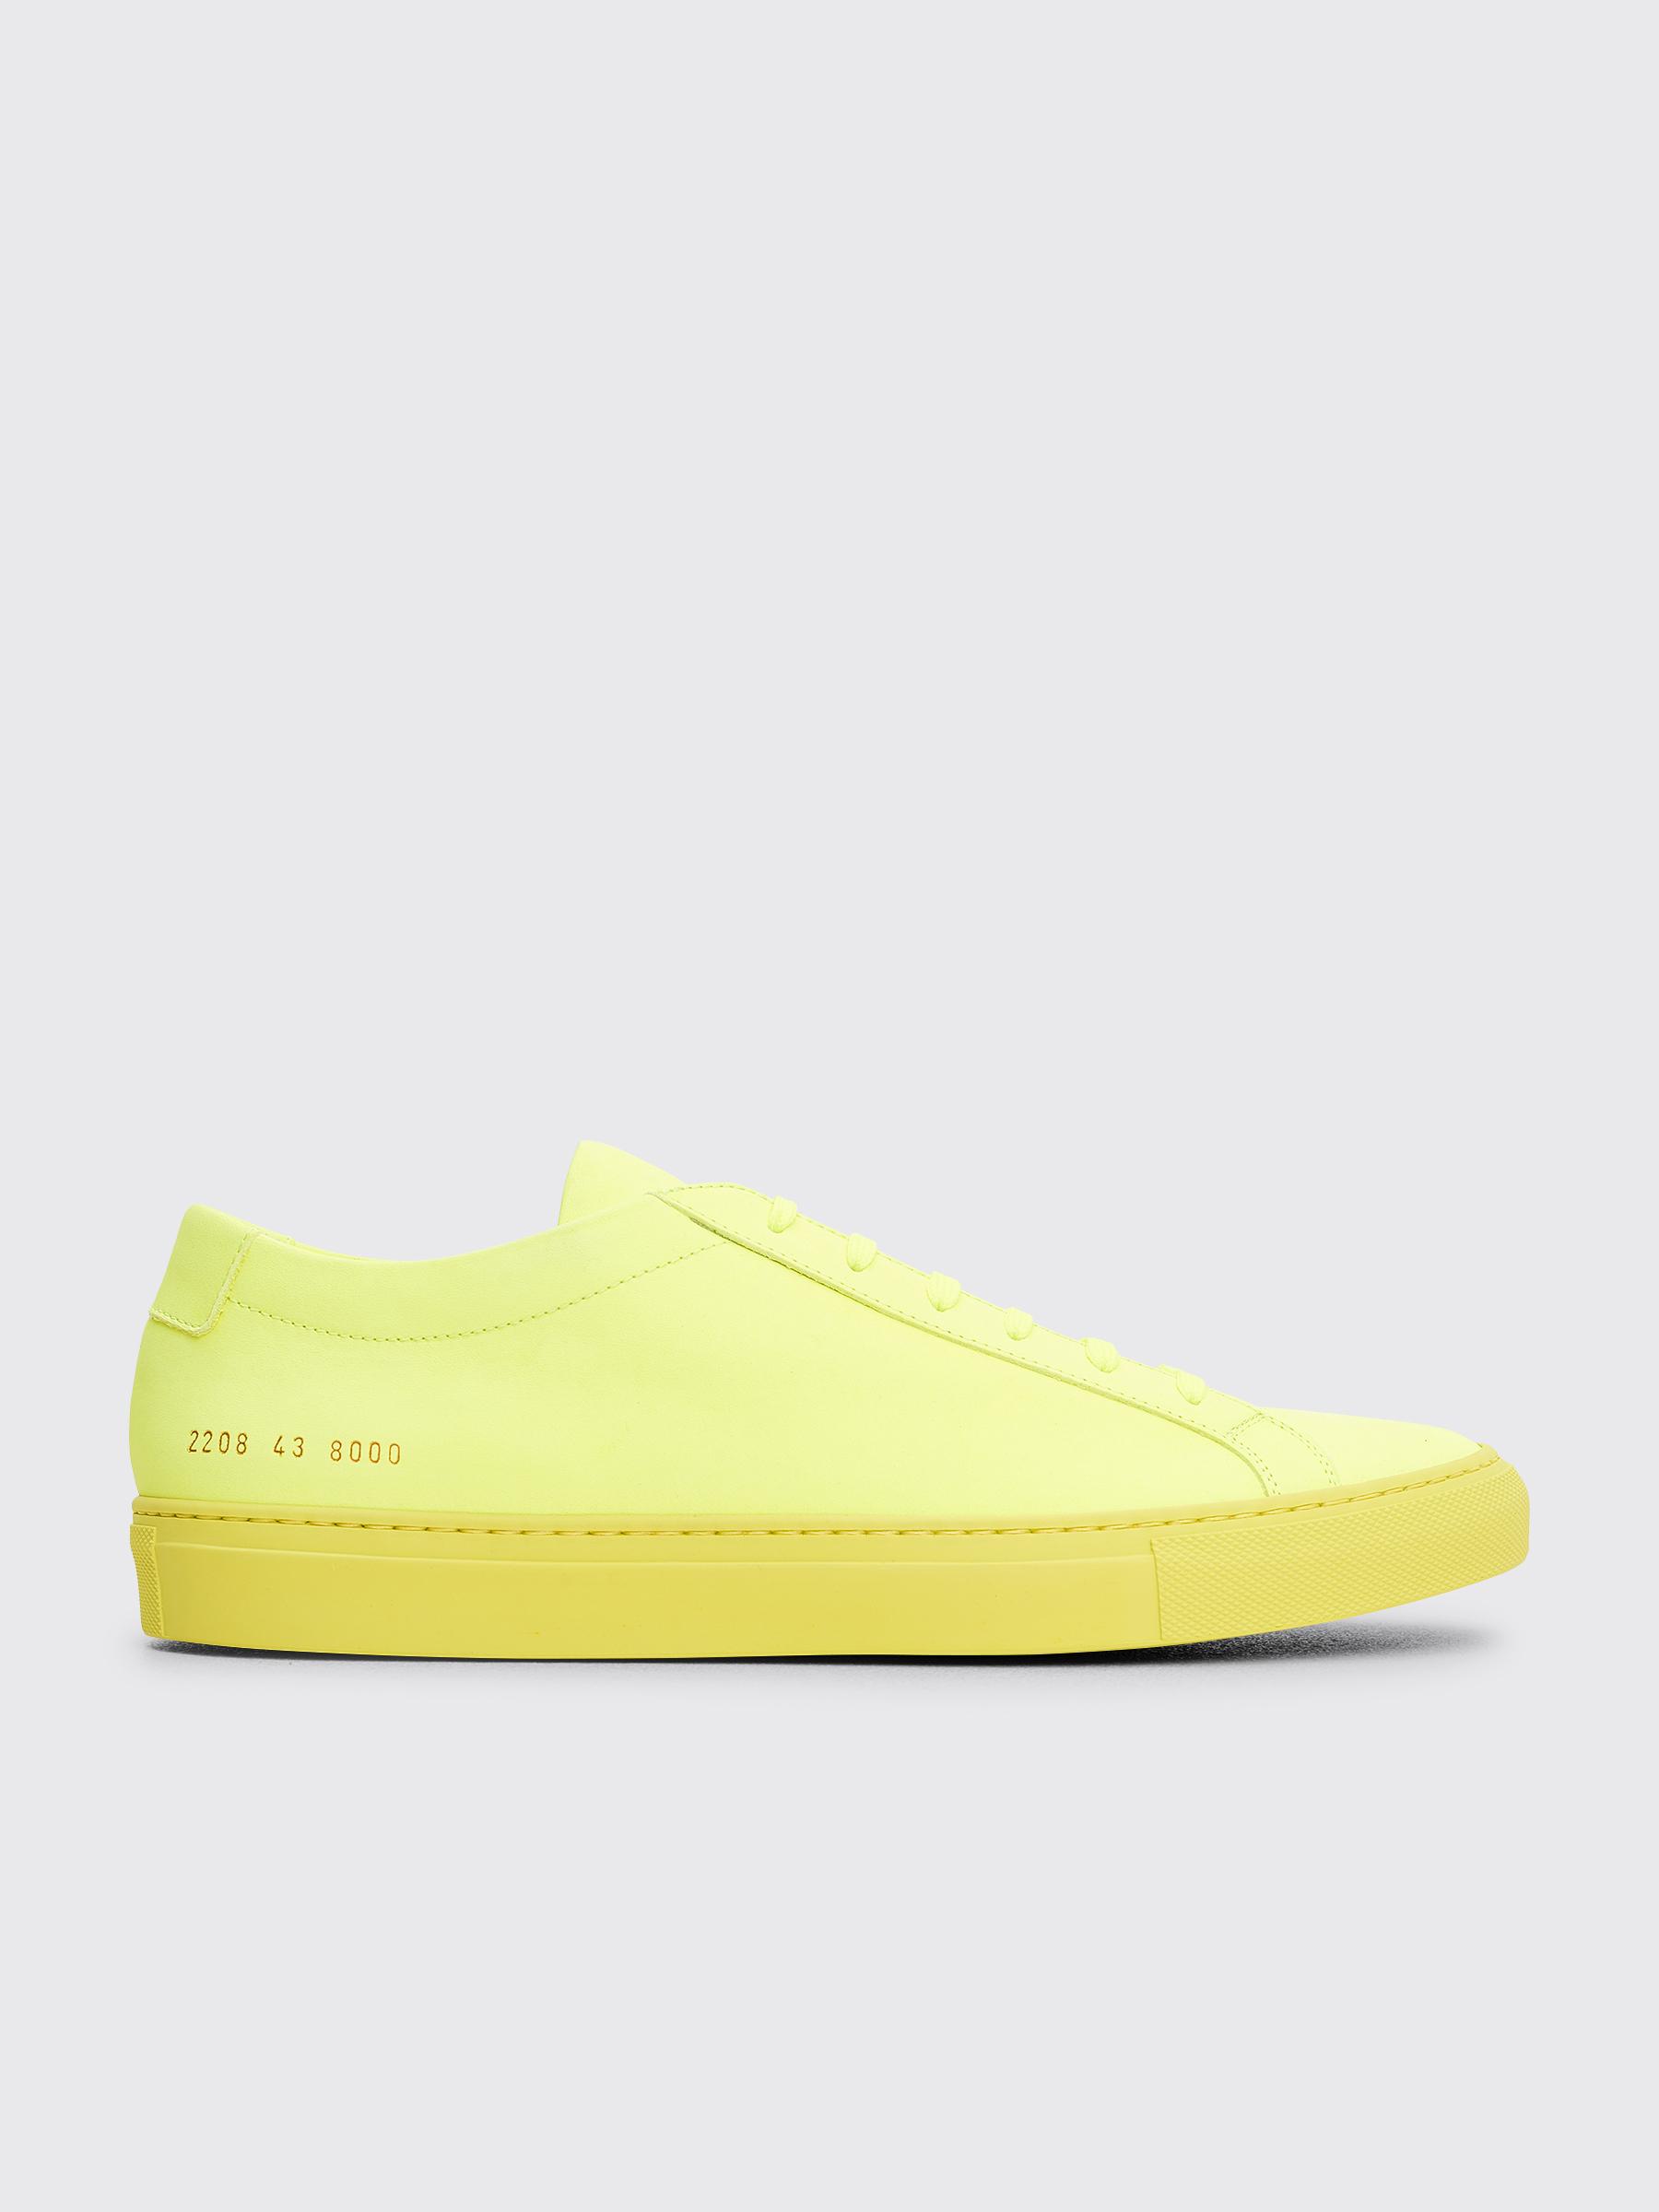 71553f43e25f Très Bien - Common Projects Original Achilles Low Fluo Neon Yellow